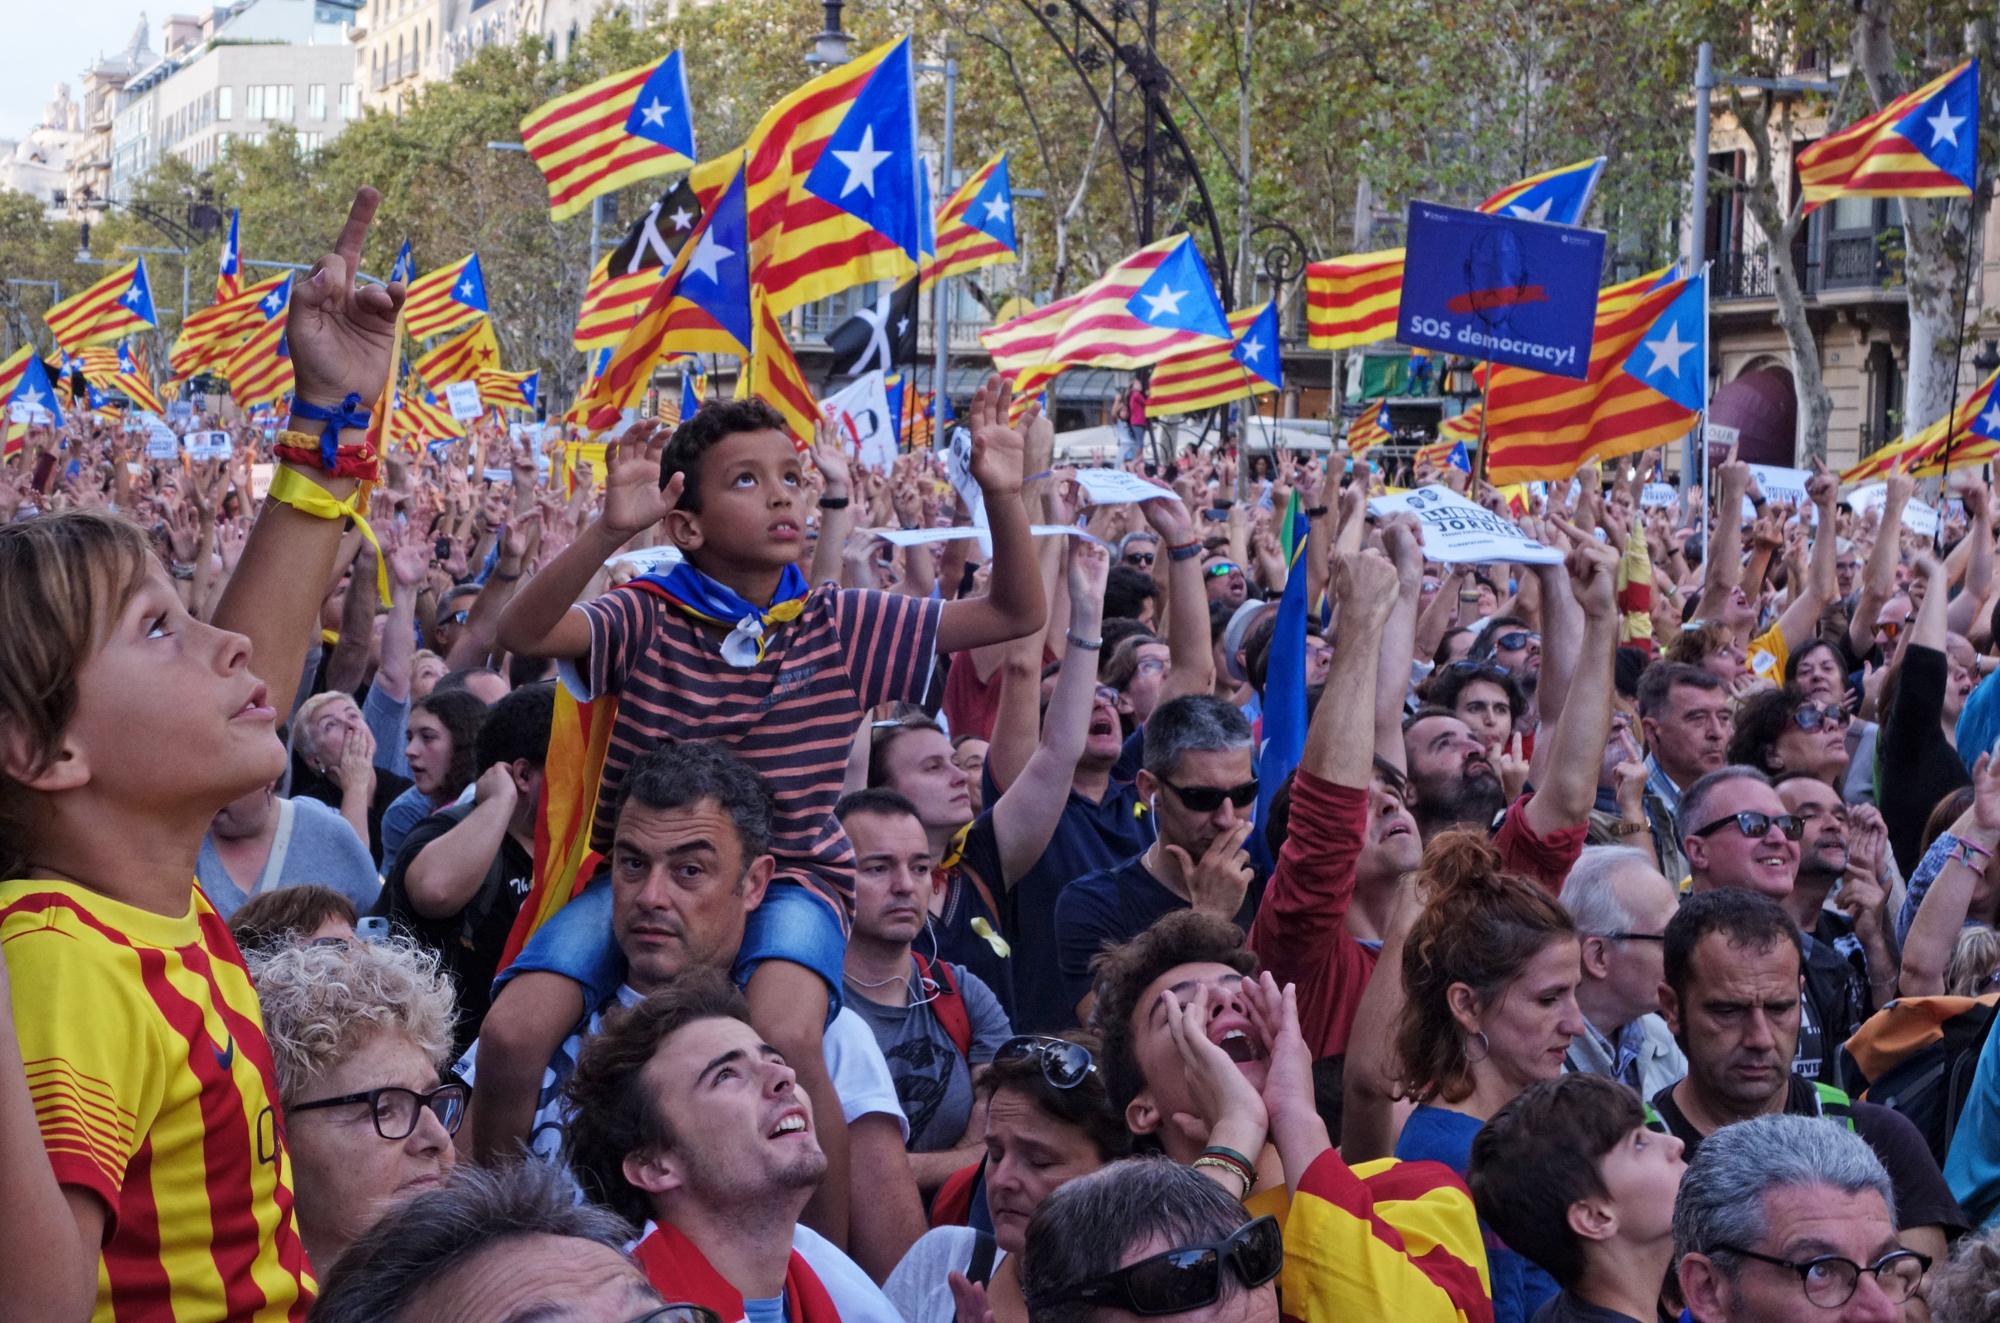 Manifestació, #8. Barcelona, Catalunya, Espanya